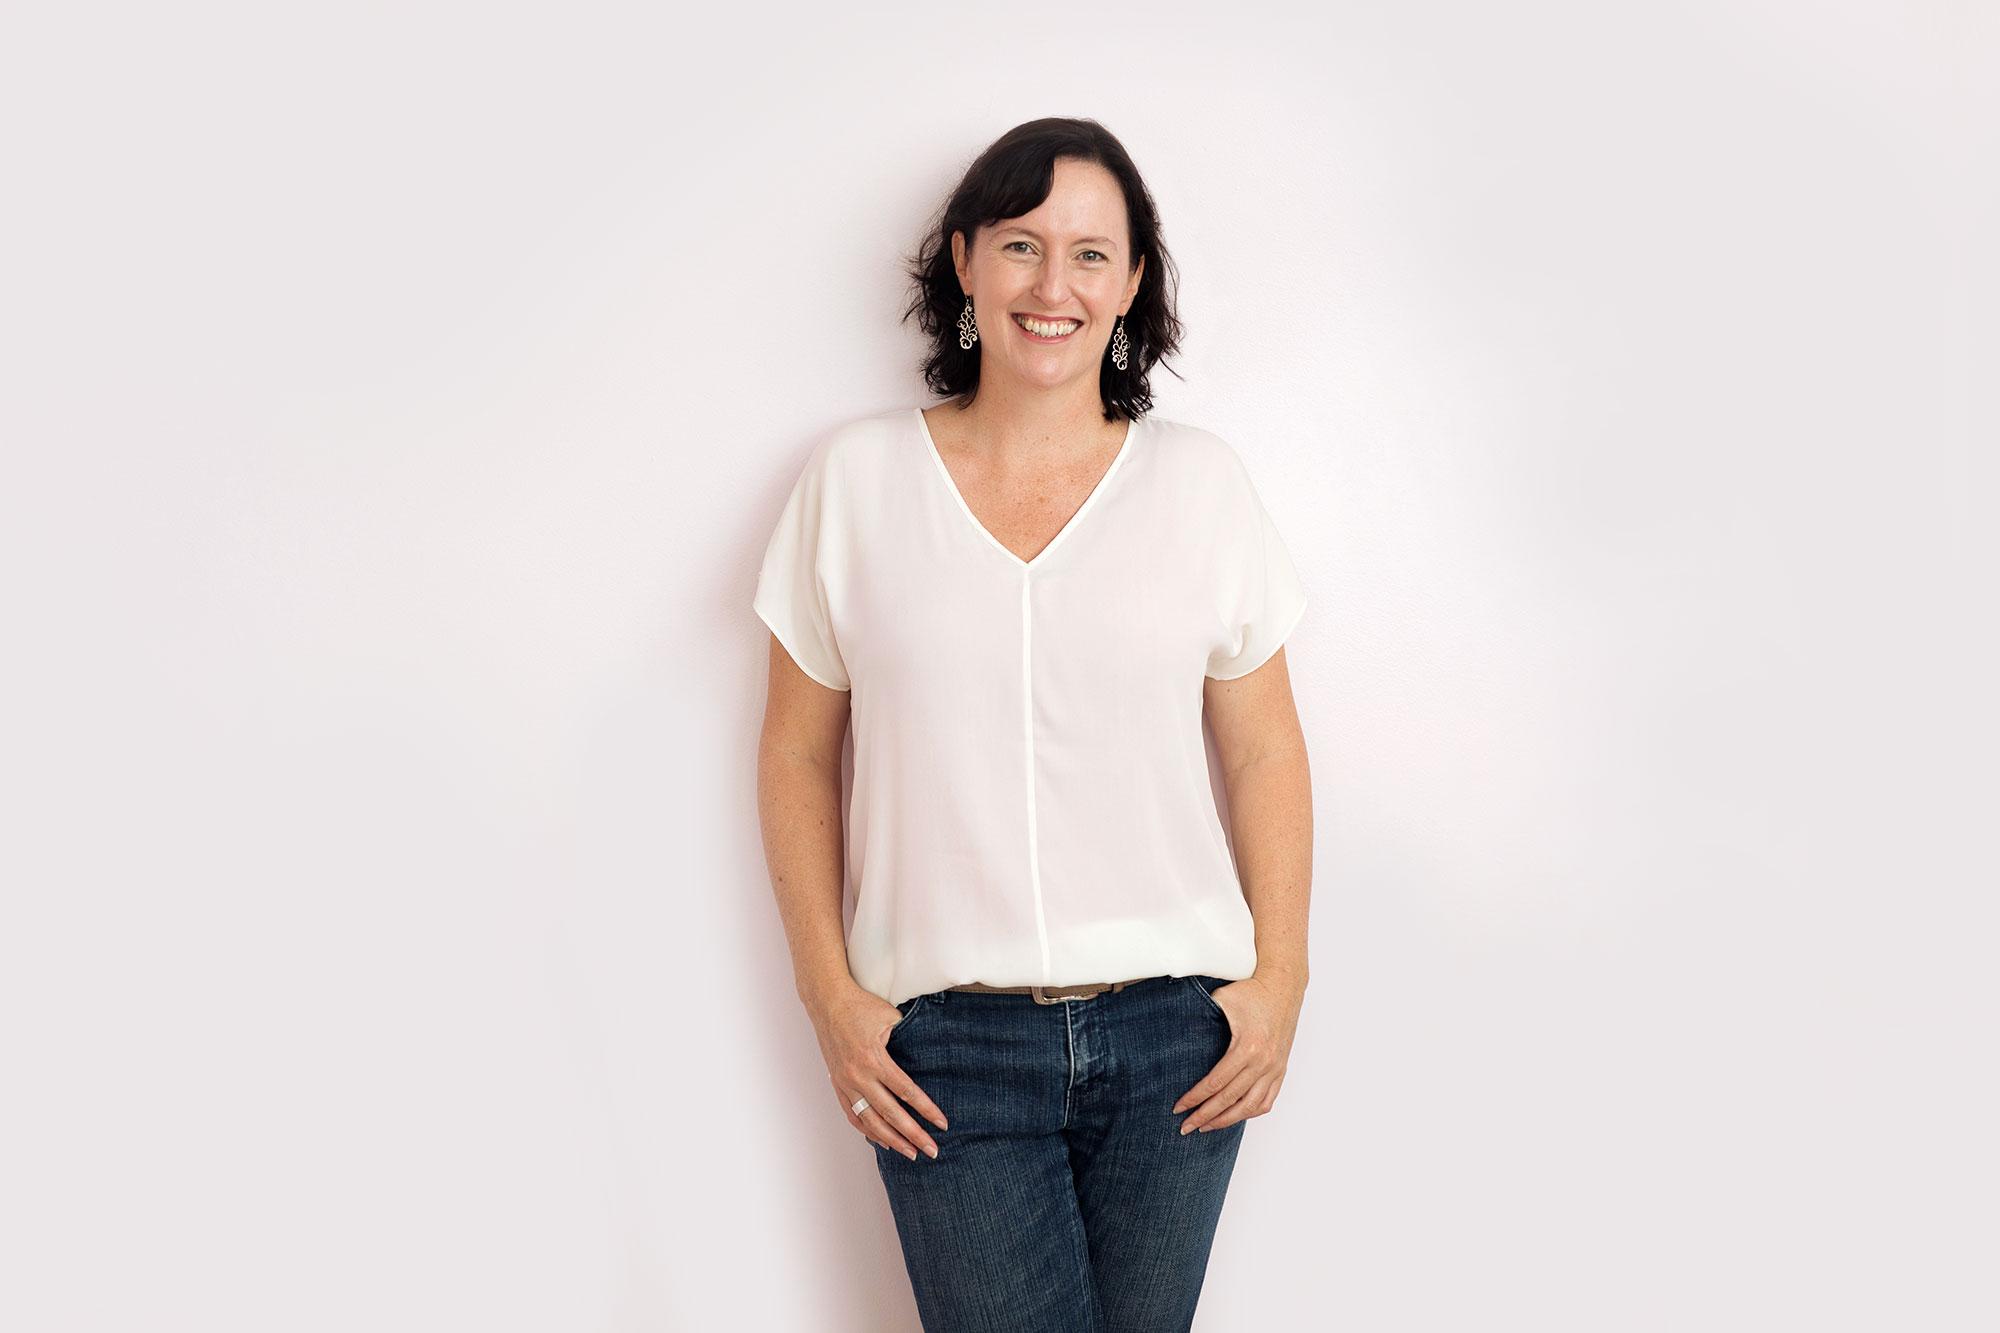 Sara Moss - Author